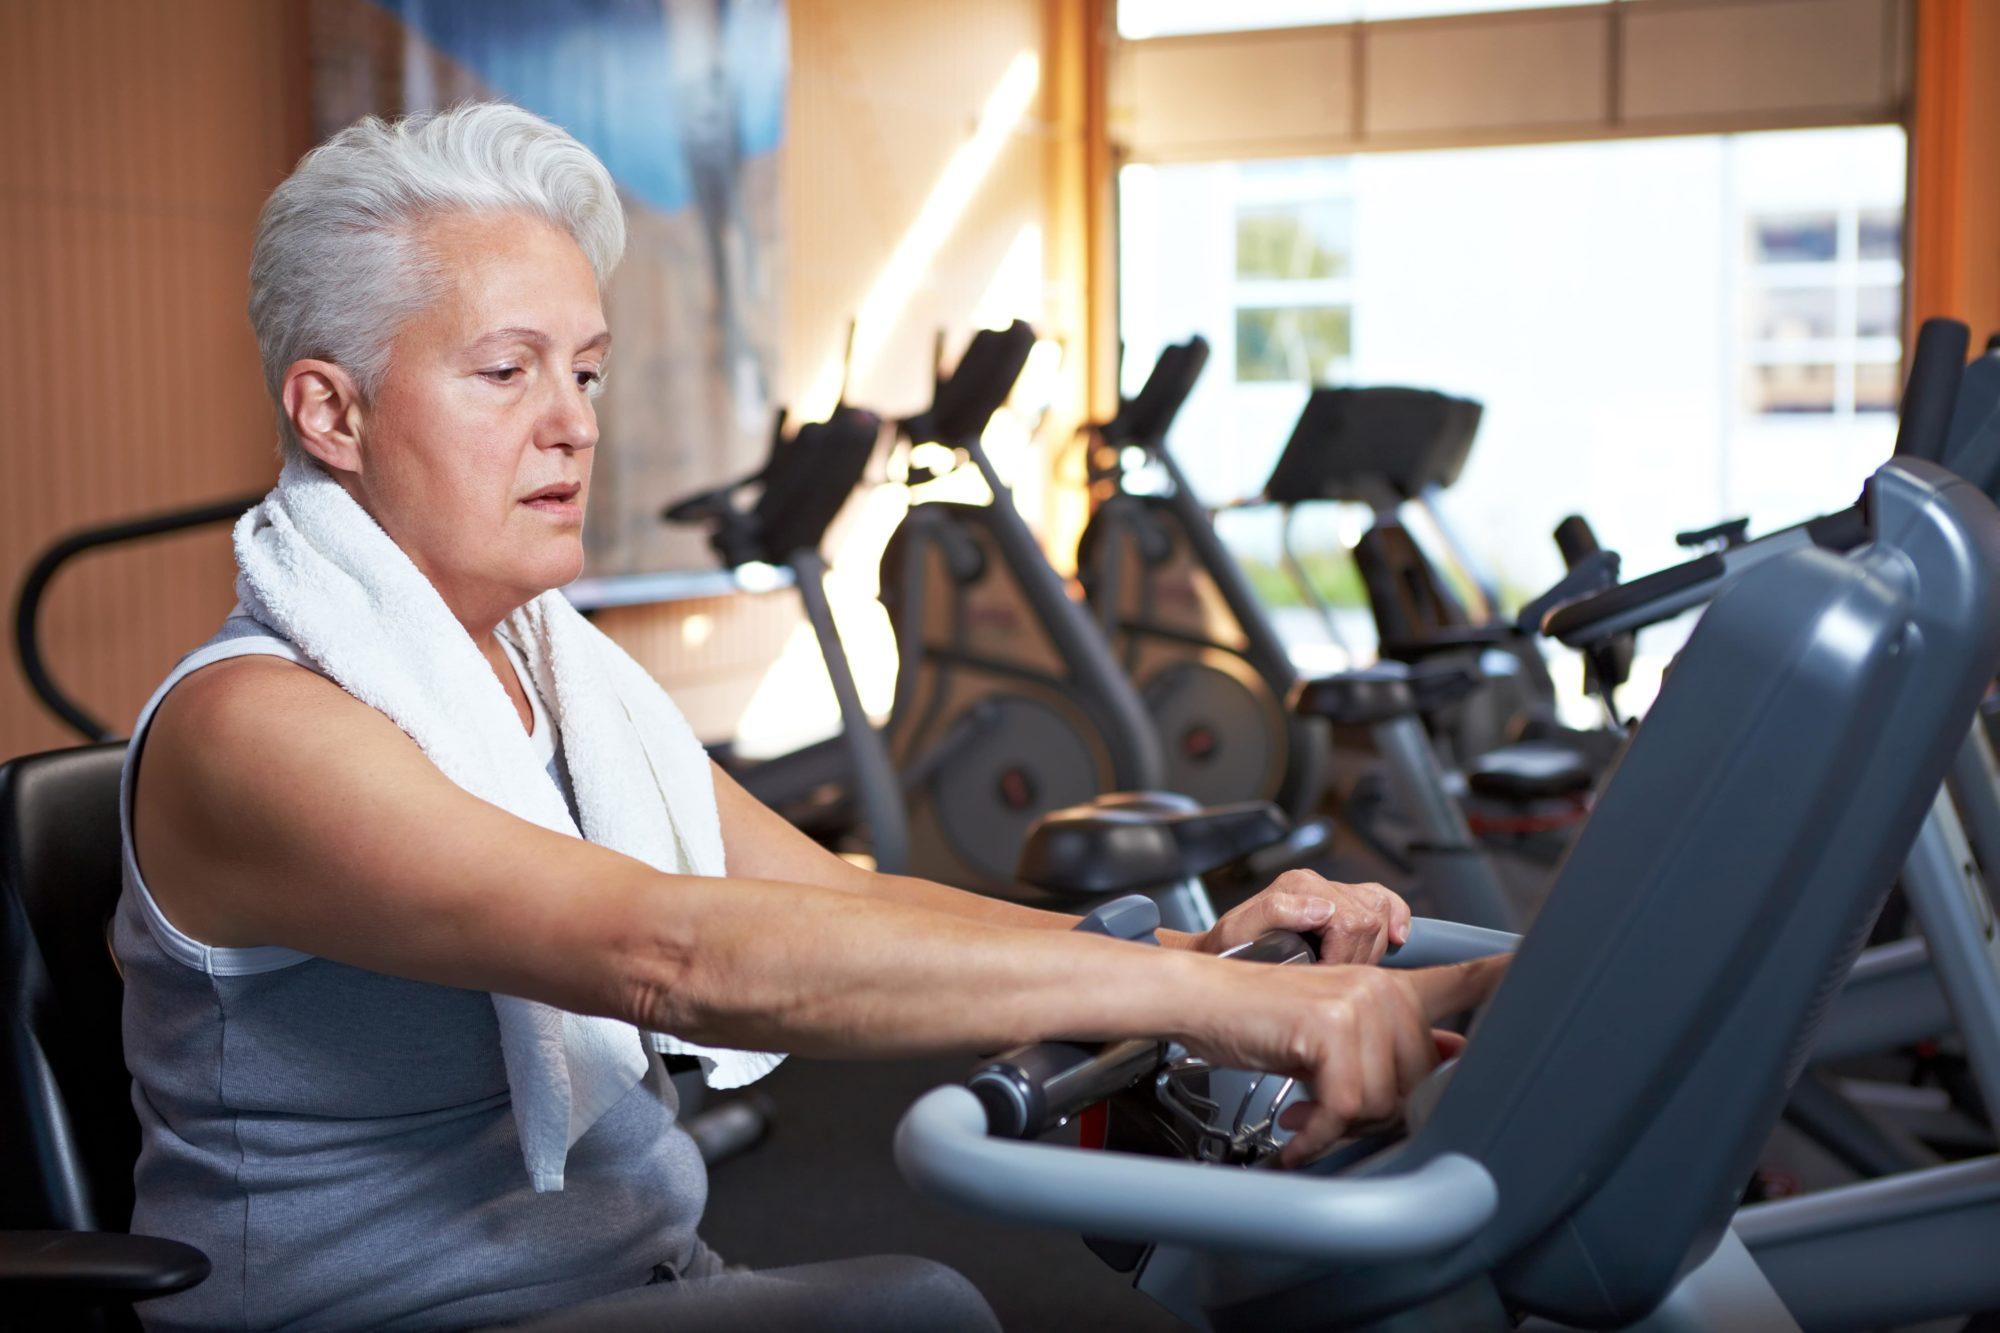 medische fitness en fysiofitness in sport medisch centrum papendal